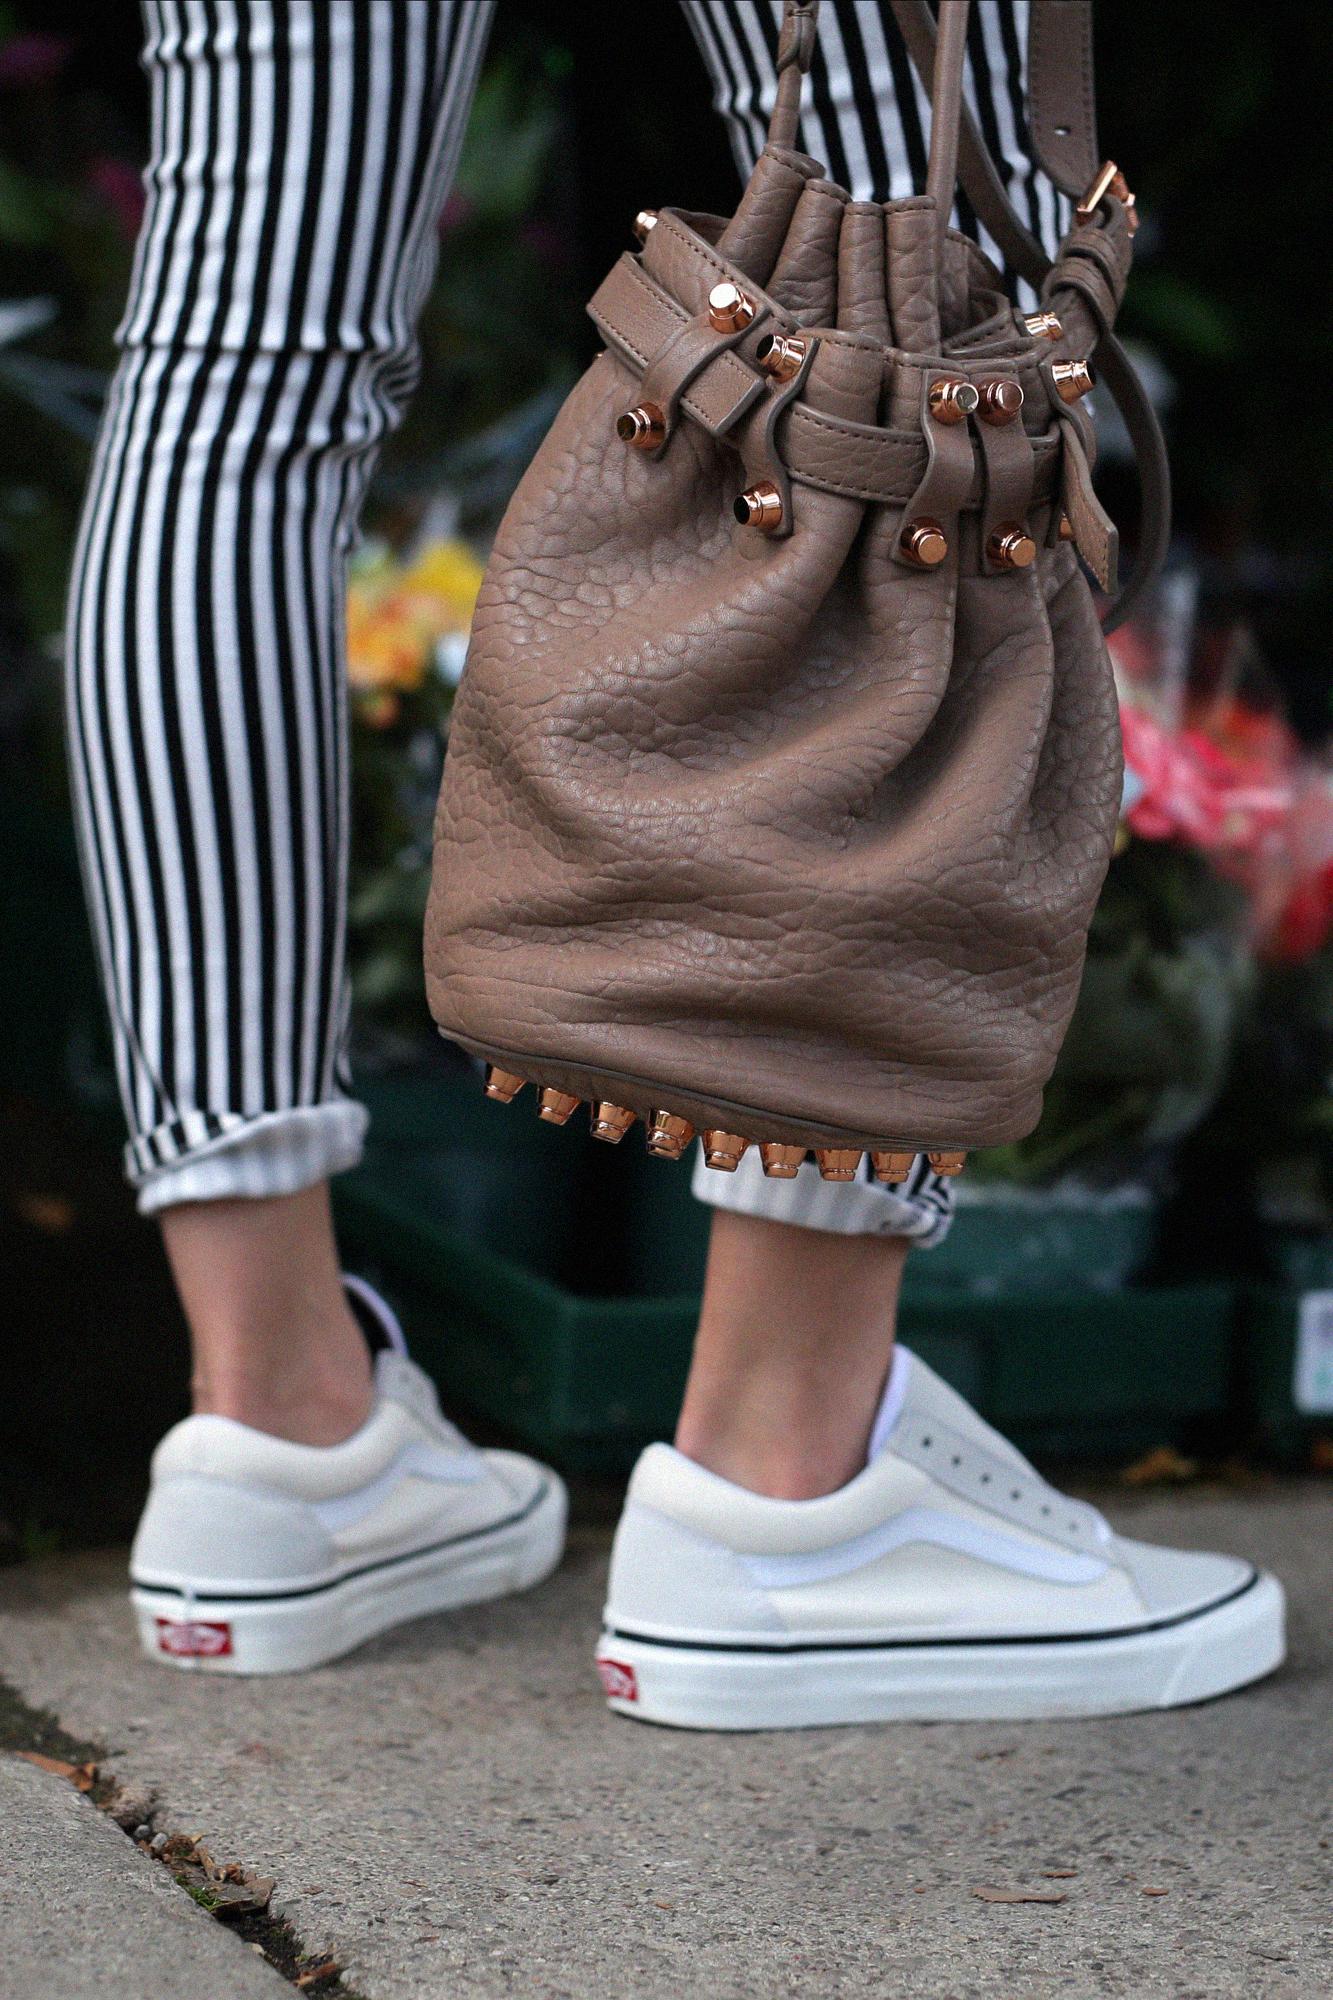 vans DIY denim star jacket, old skool sneakers, striped rag and bone jeans and Alexander Wang Diego bag in tan and rose gold hardware _7041.jpg